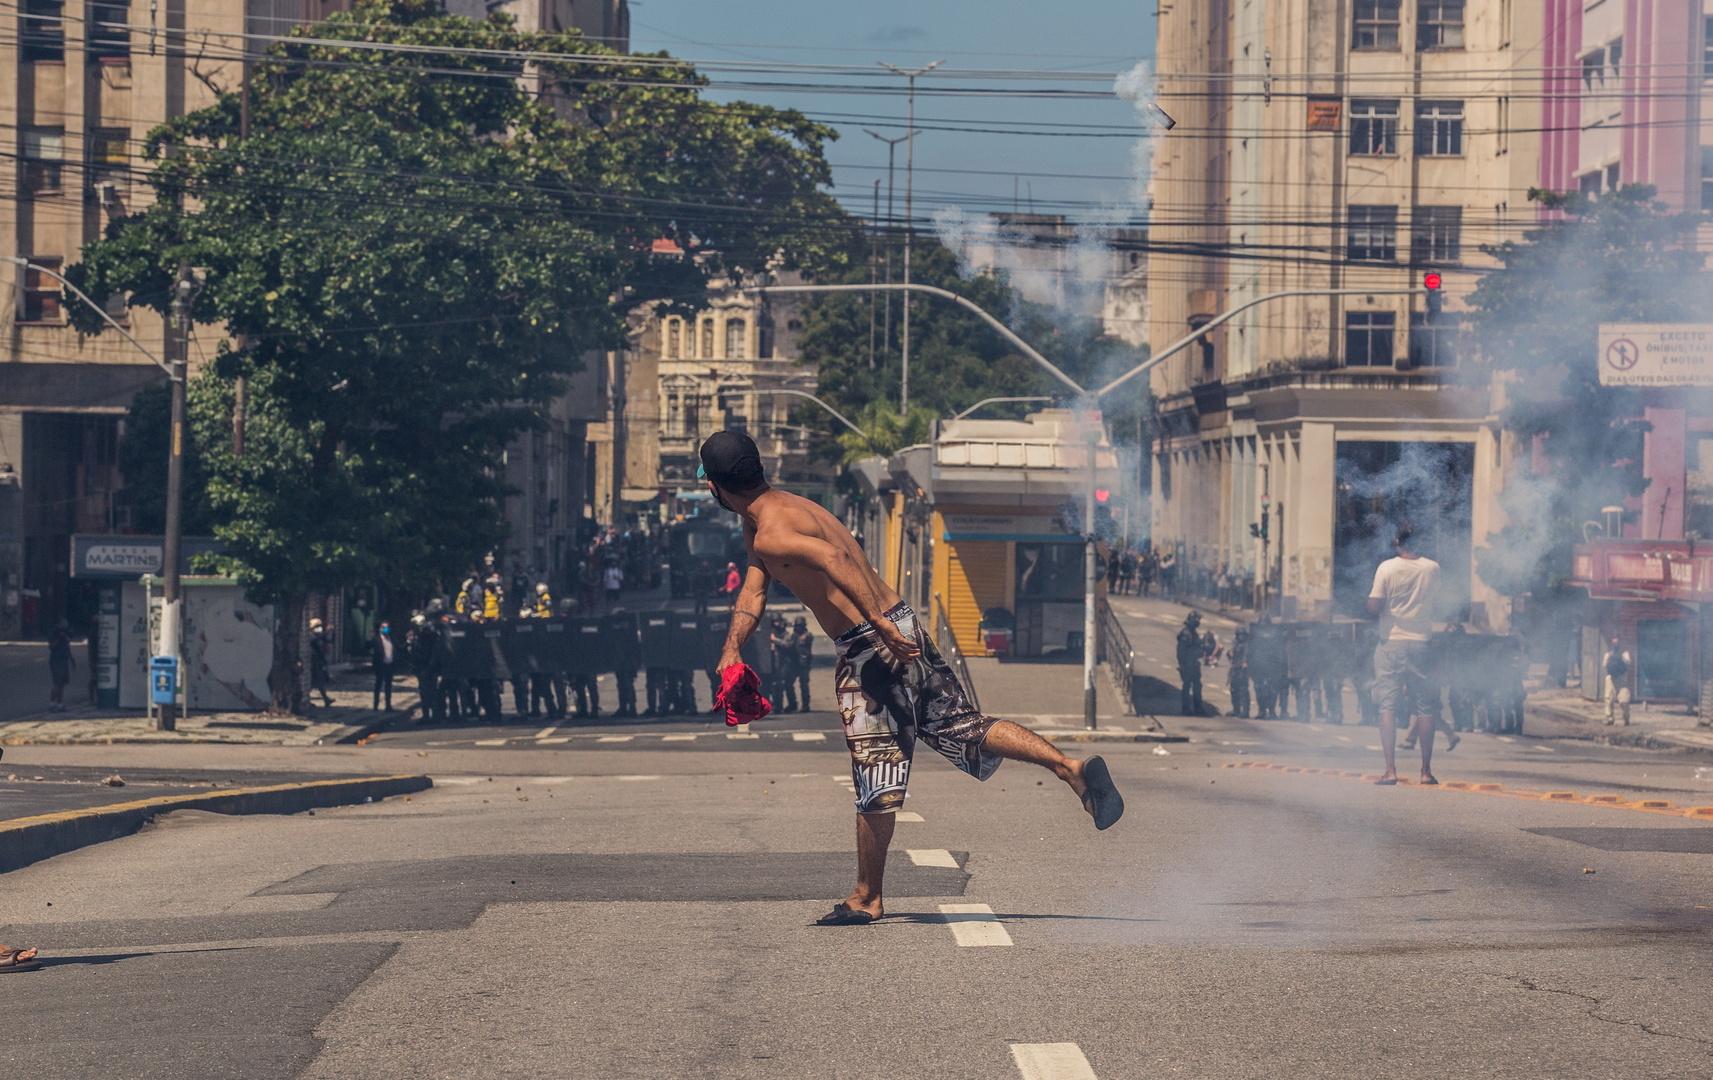 اتساع رقعة الاحتجاجات الشعبية على حكومة بولسونارو في البرازيل